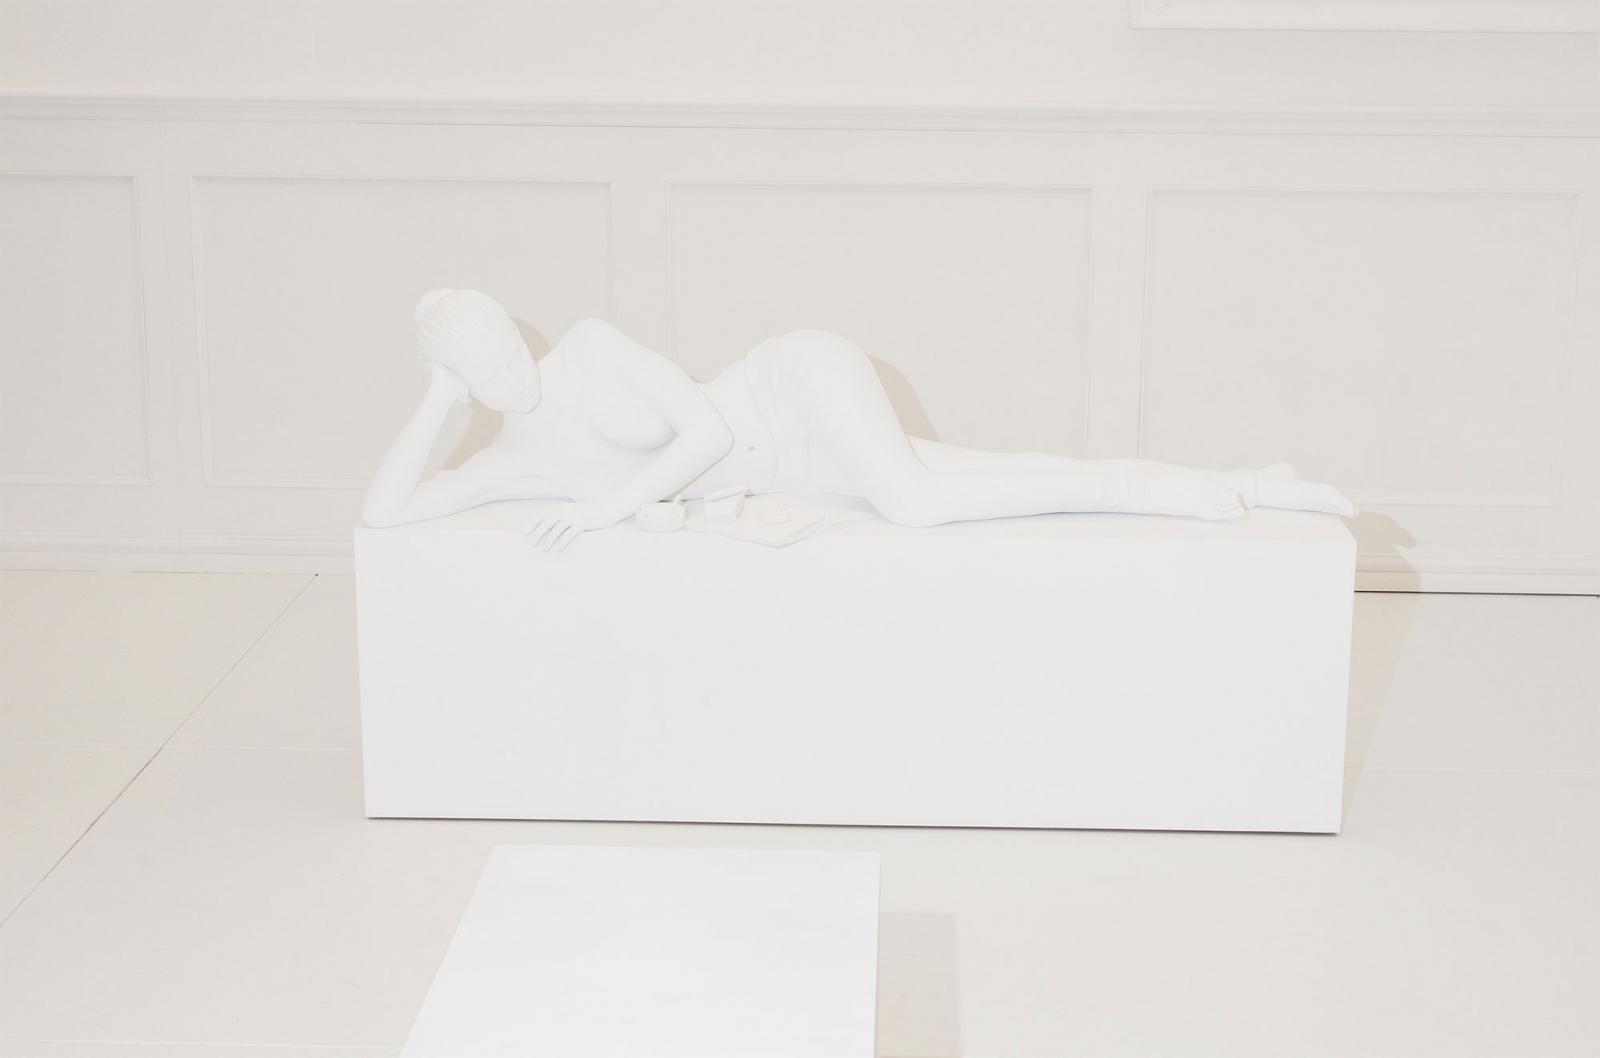 Hans Op de Beeckat Marianne Boesky Gallery